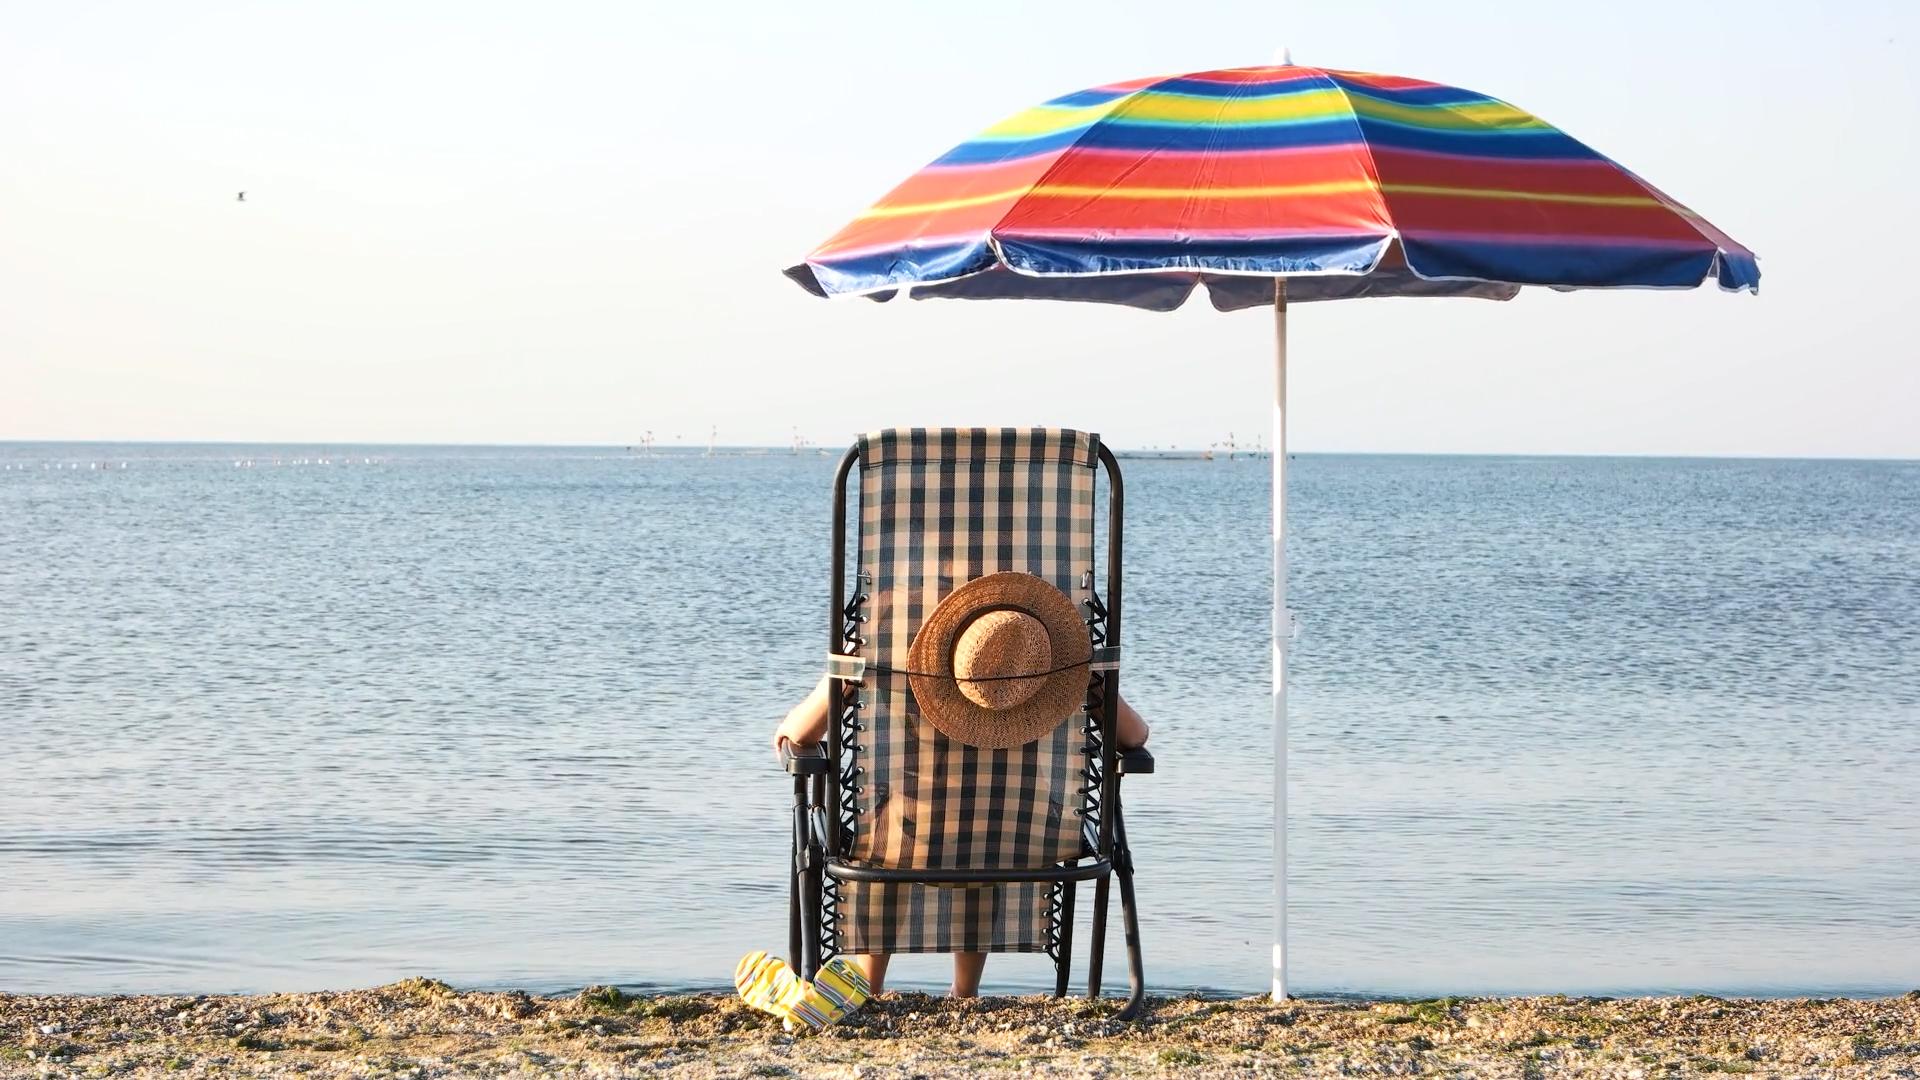 Parasole plażowe stanowią zagrożenie